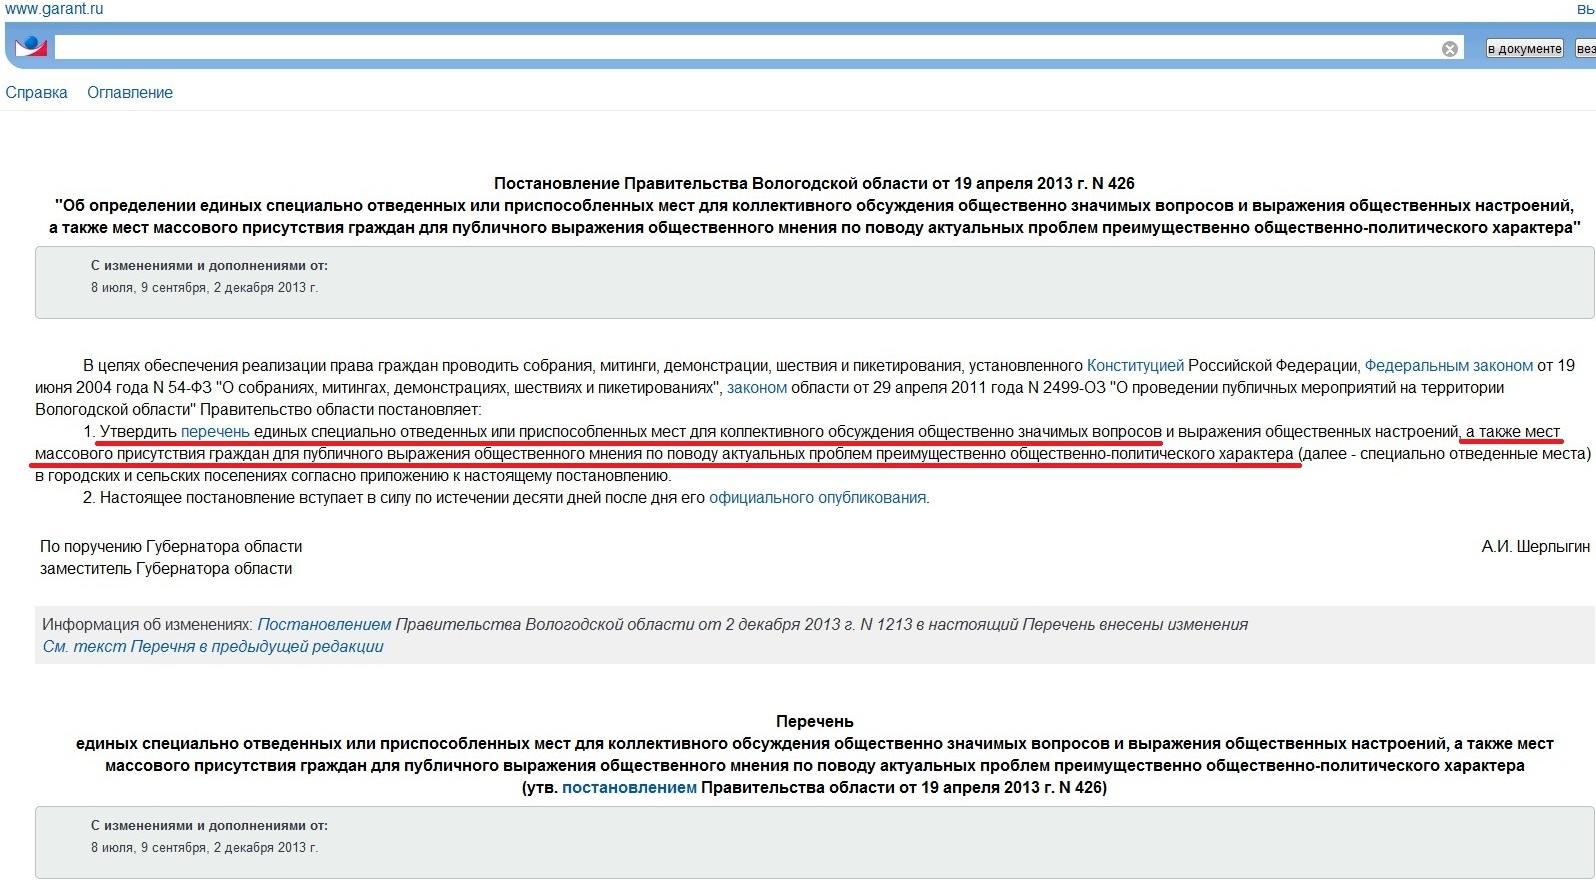 Постановление Правительства Вологодской области от 19 апреля 2013 г. N 426